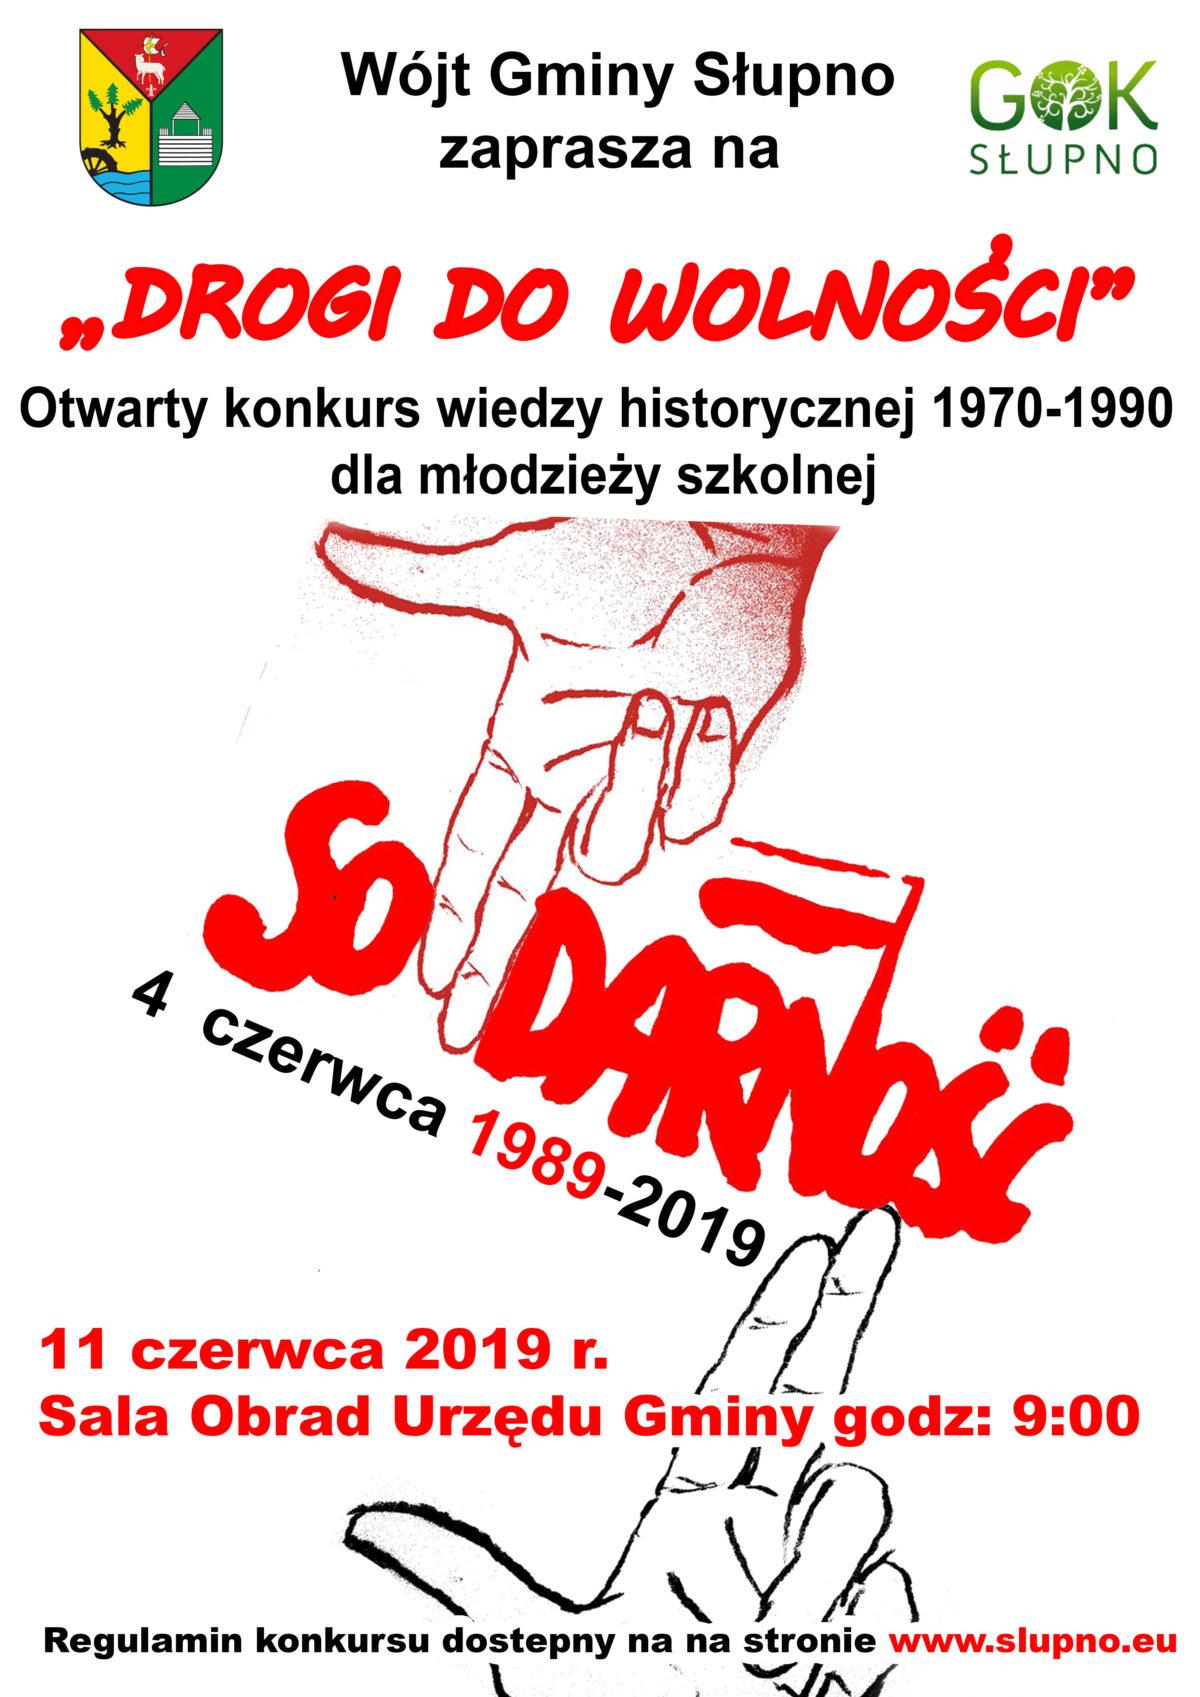 DROGI DO WOLNOŚCI – Konkurs historyczny dla młodzieży